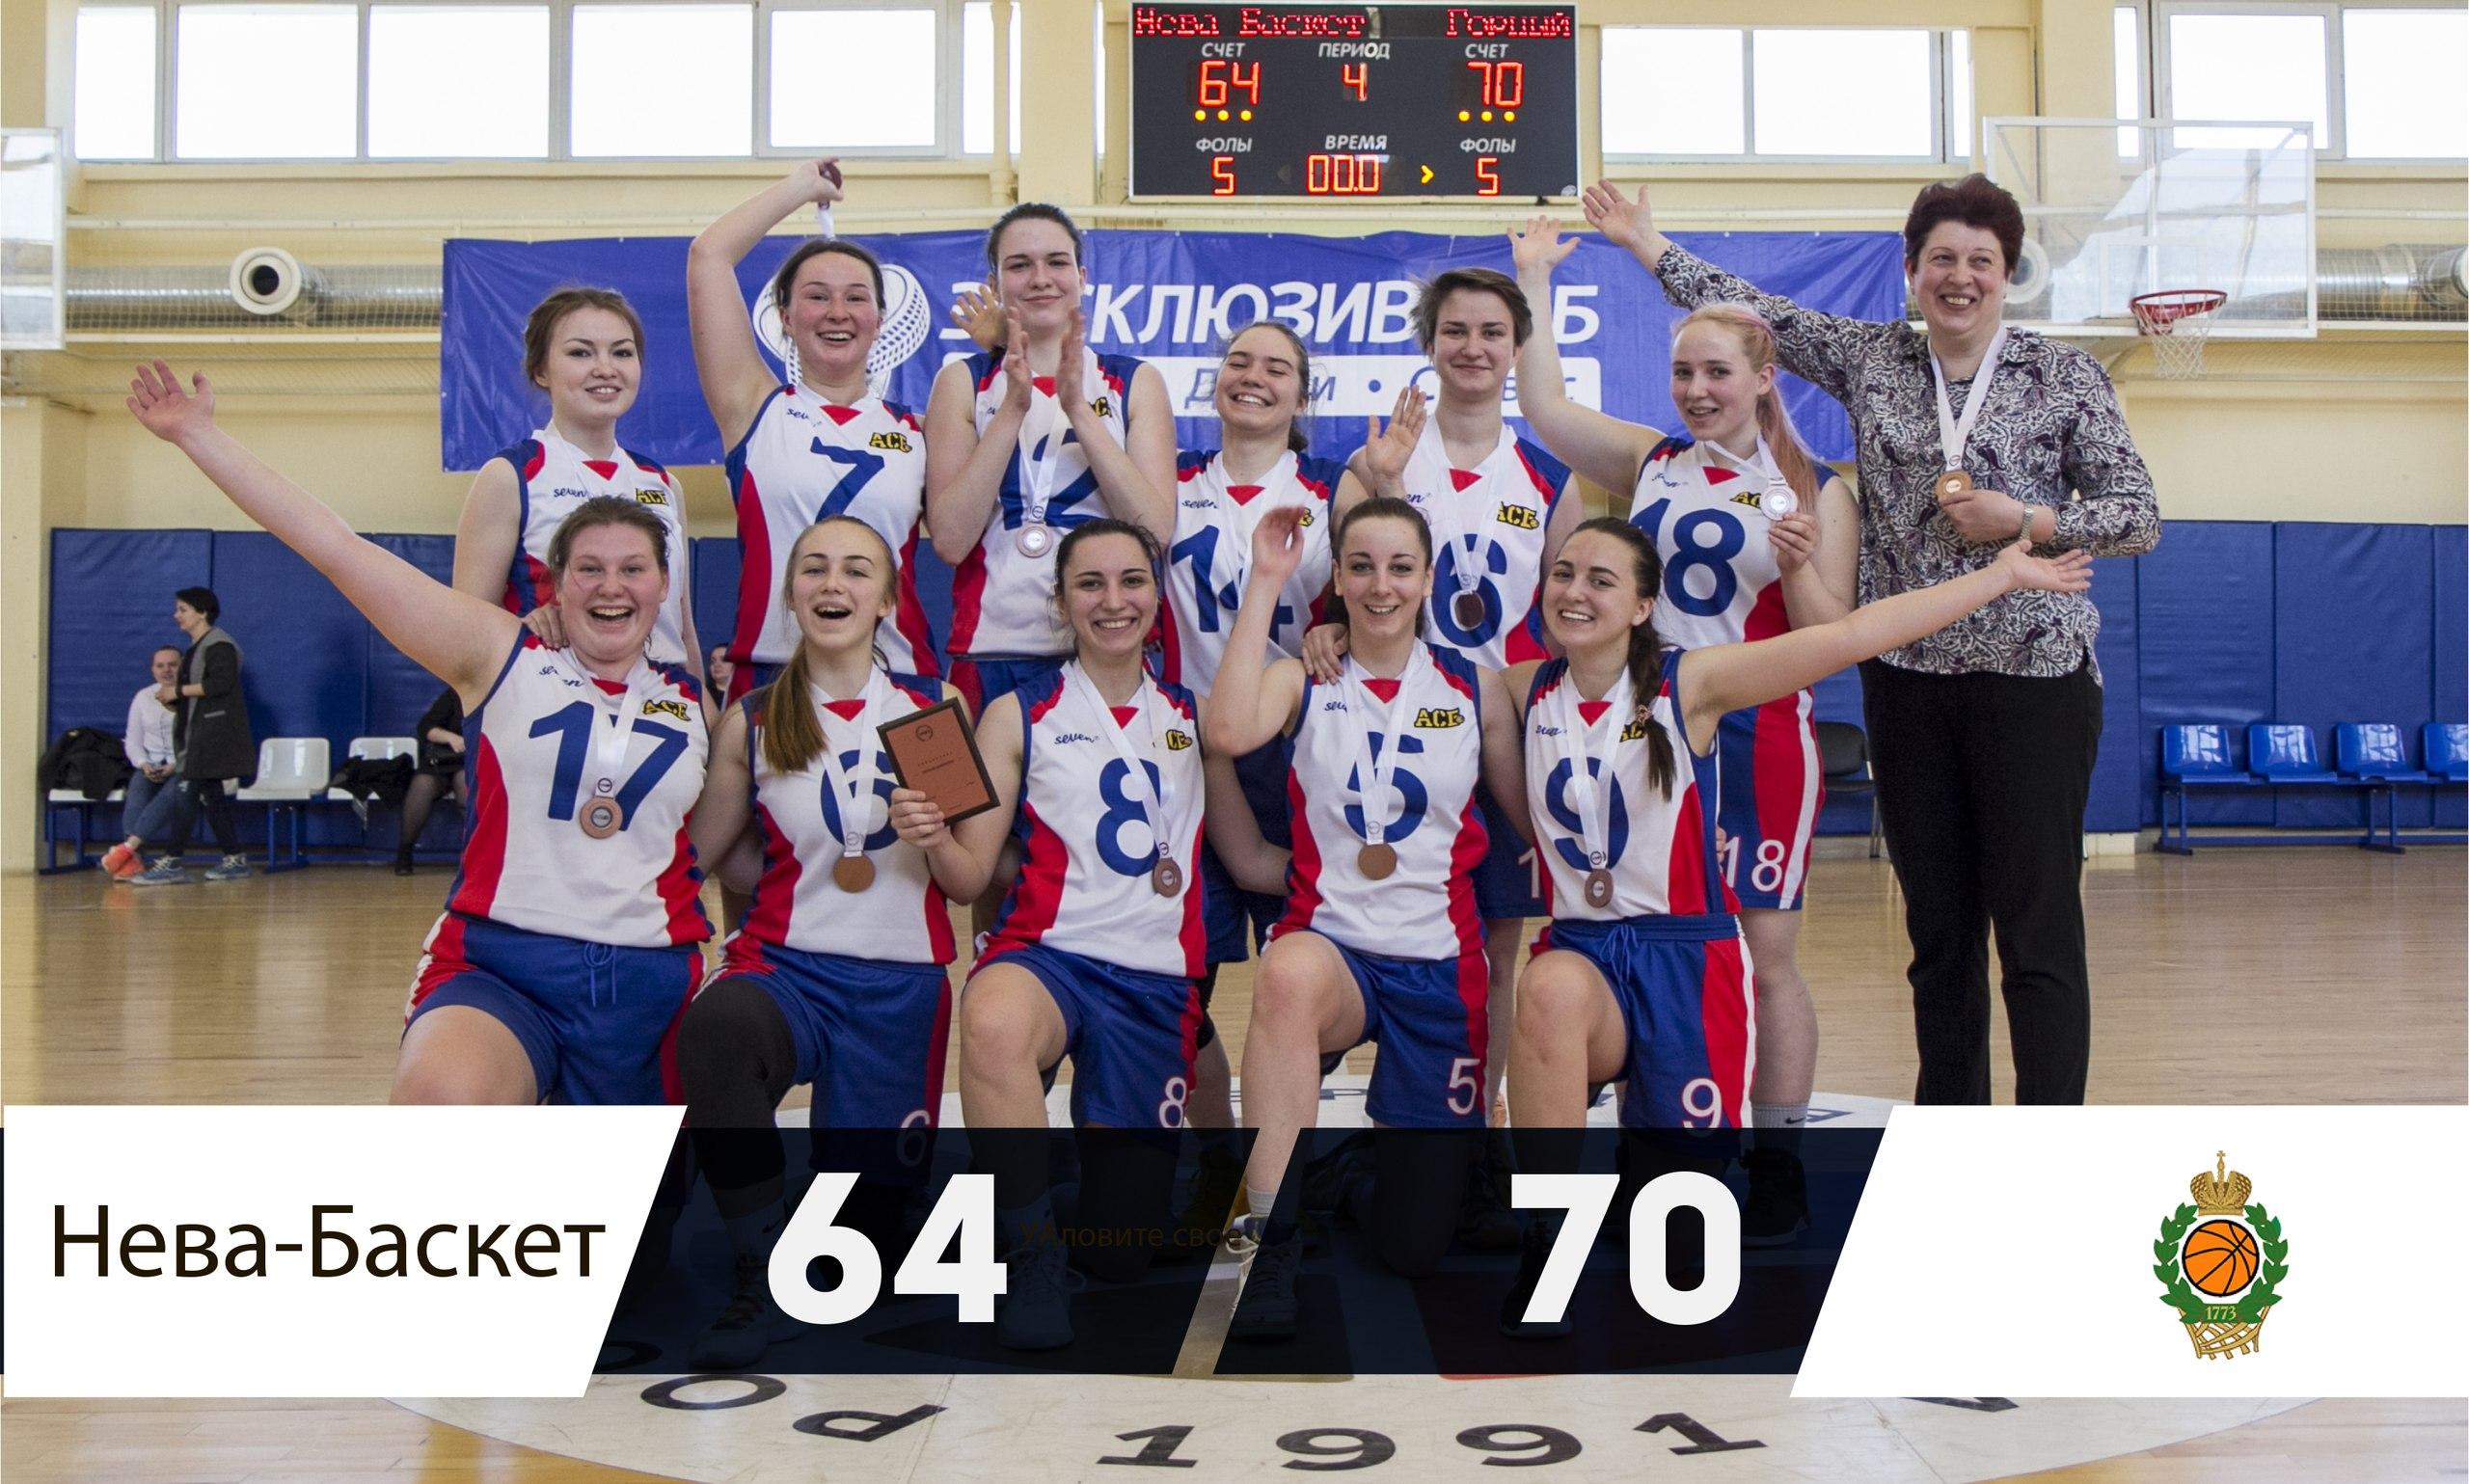 Горный университет - Бронзовый призёр Первого Дивизиона Чемпионата Санкт-Петербурга 2018